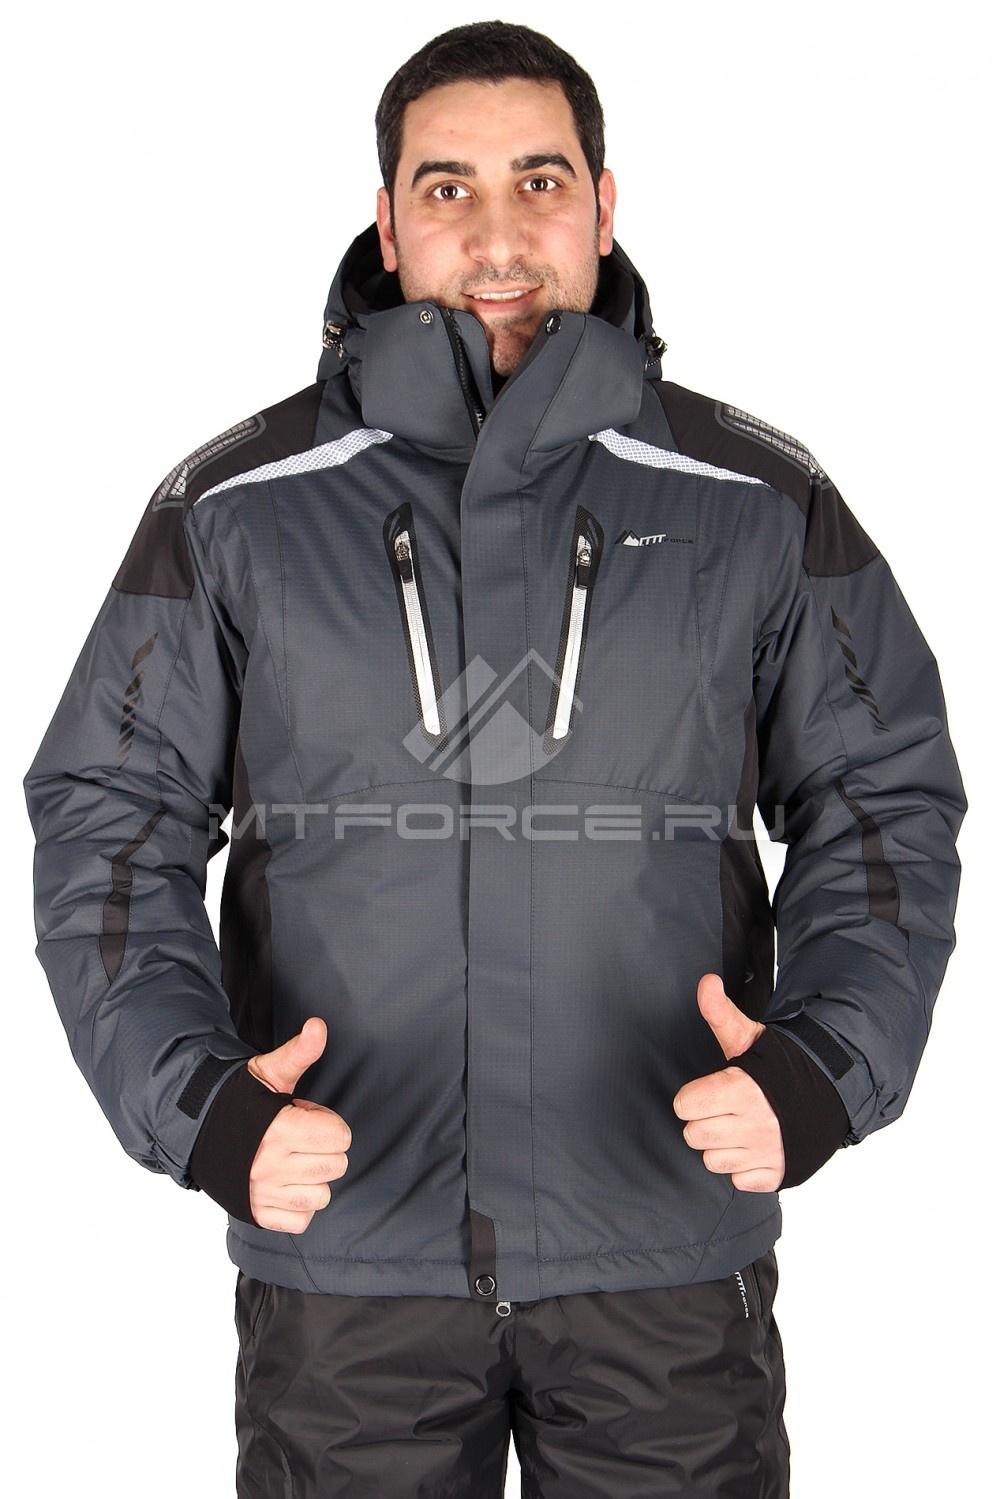 Купить                                  оптом Куртка горнолыжная мужская темно-серого цвета 1552TС в Санкт-Петербурге